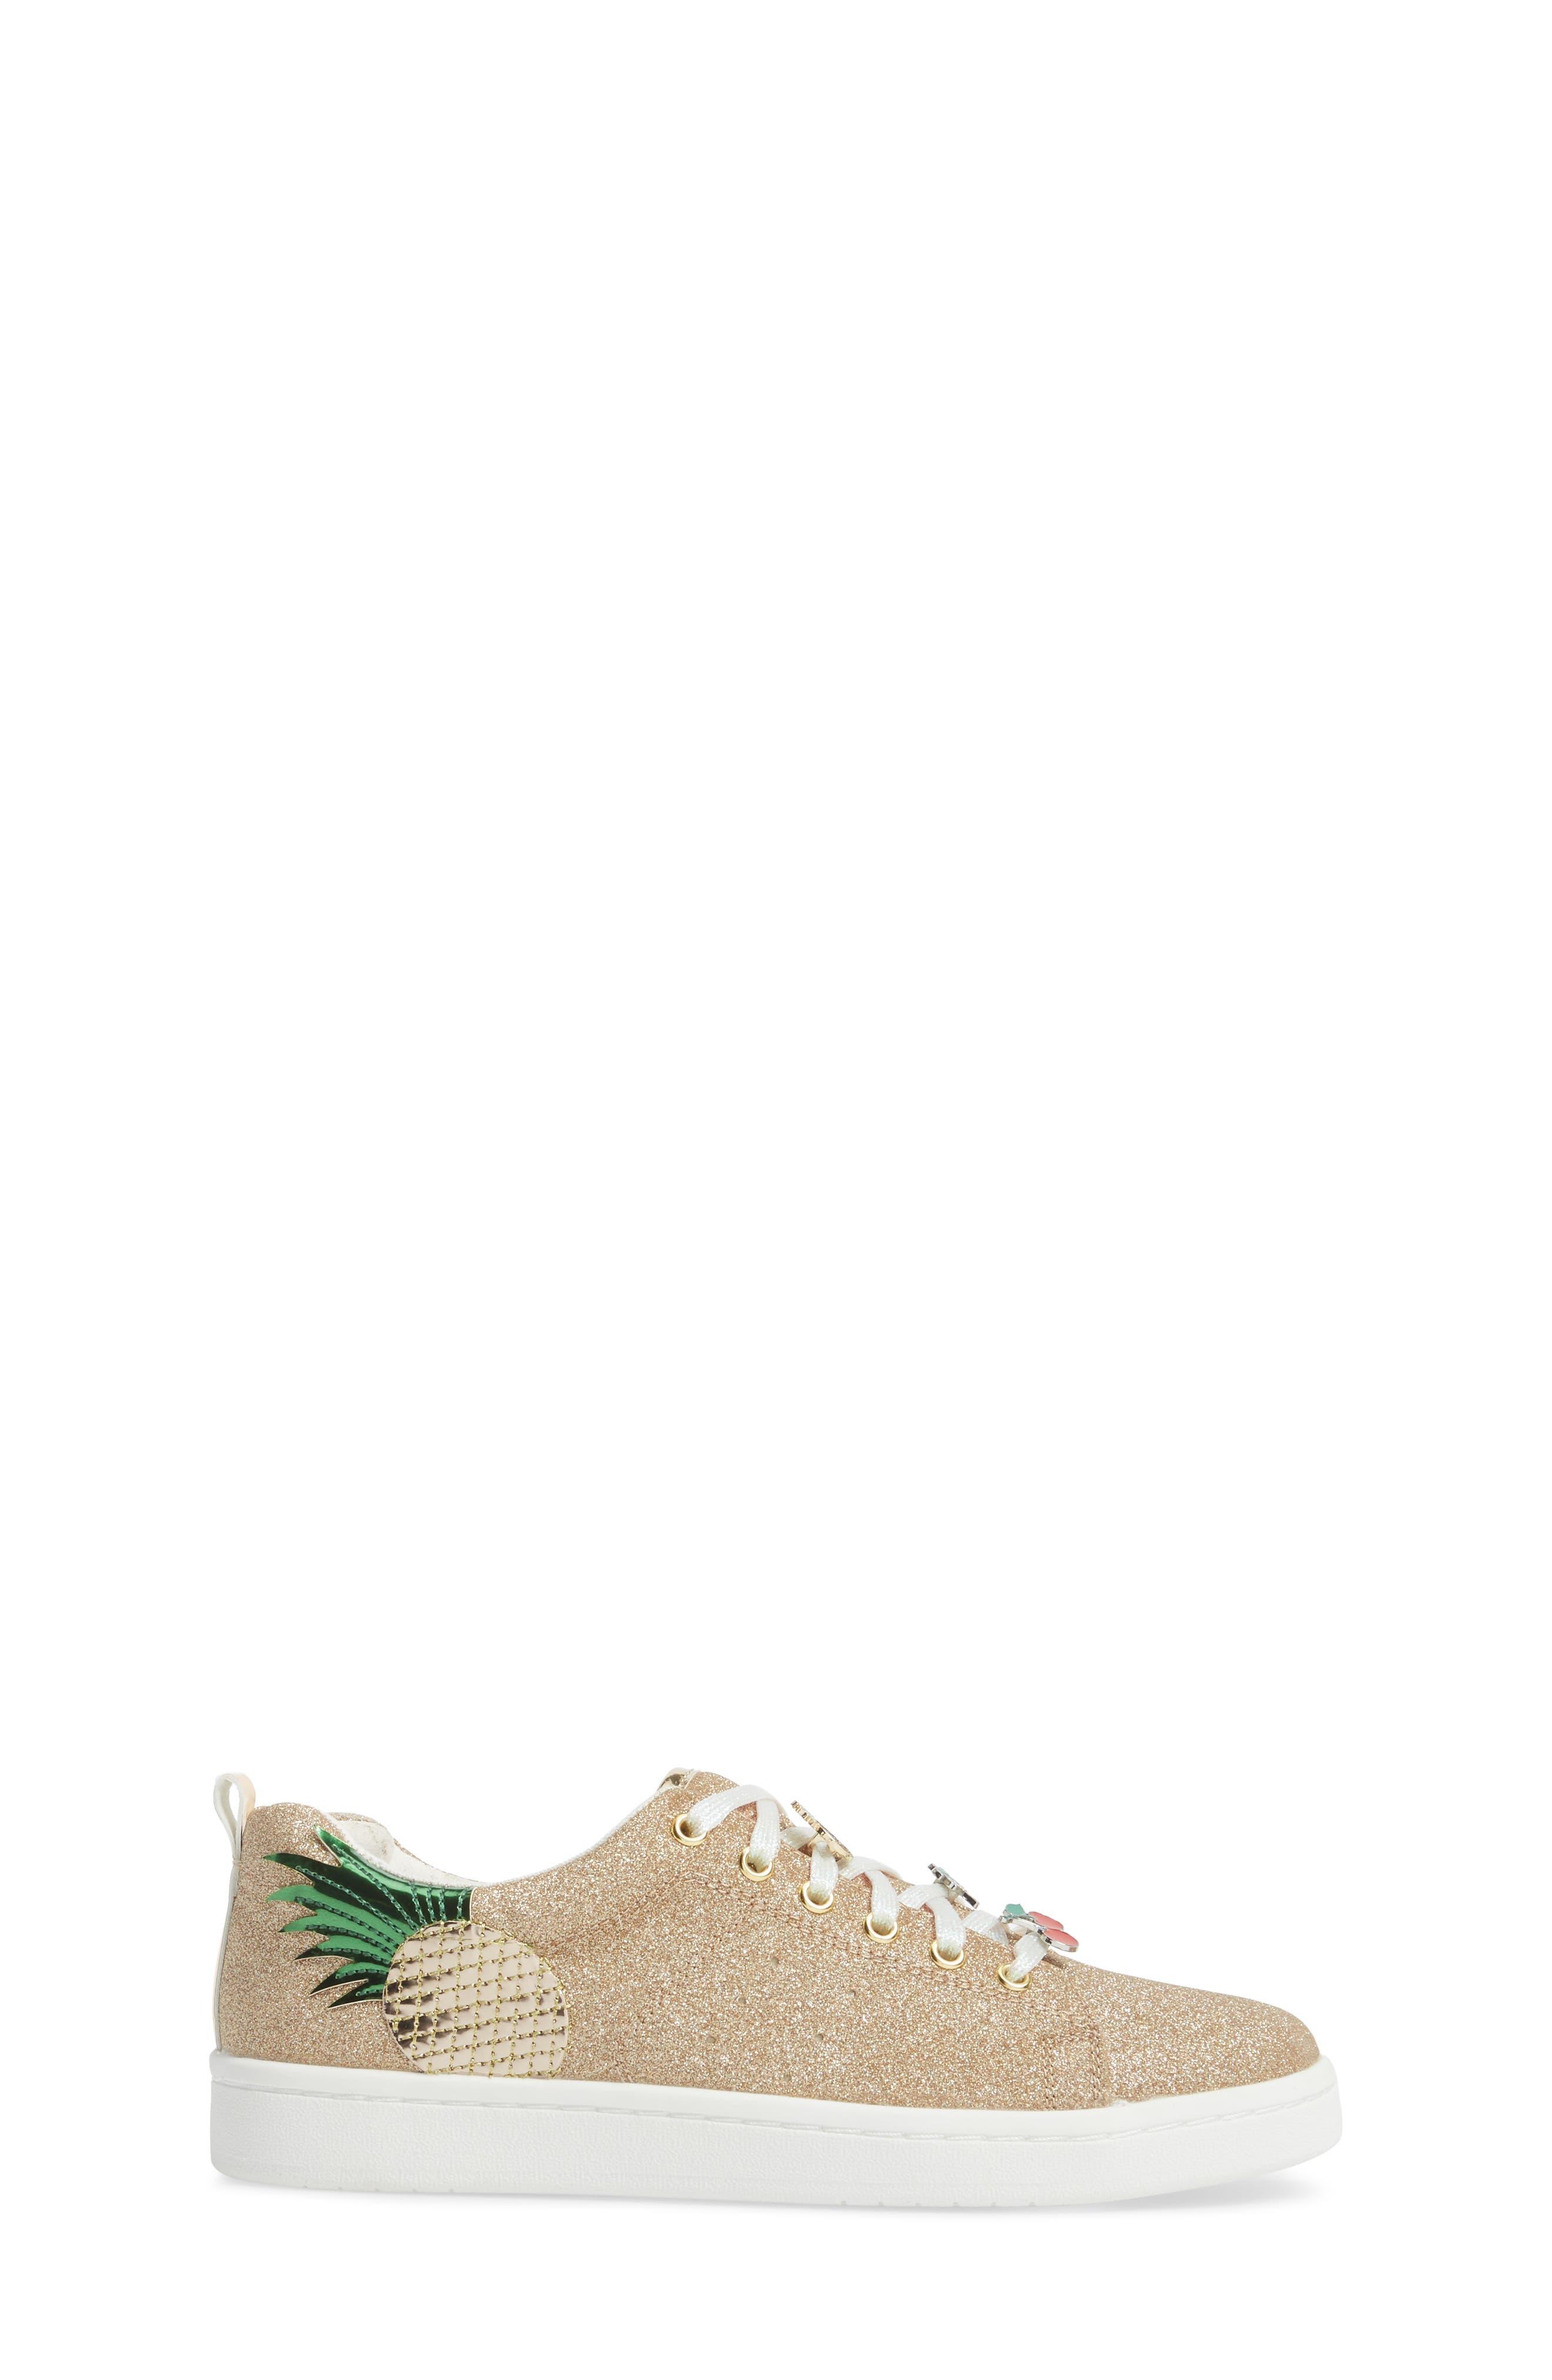 Blane Myth Glitter Sneaker,                             Alternate thumbnail 3, color,                             Golden Pineapple Faux Leather